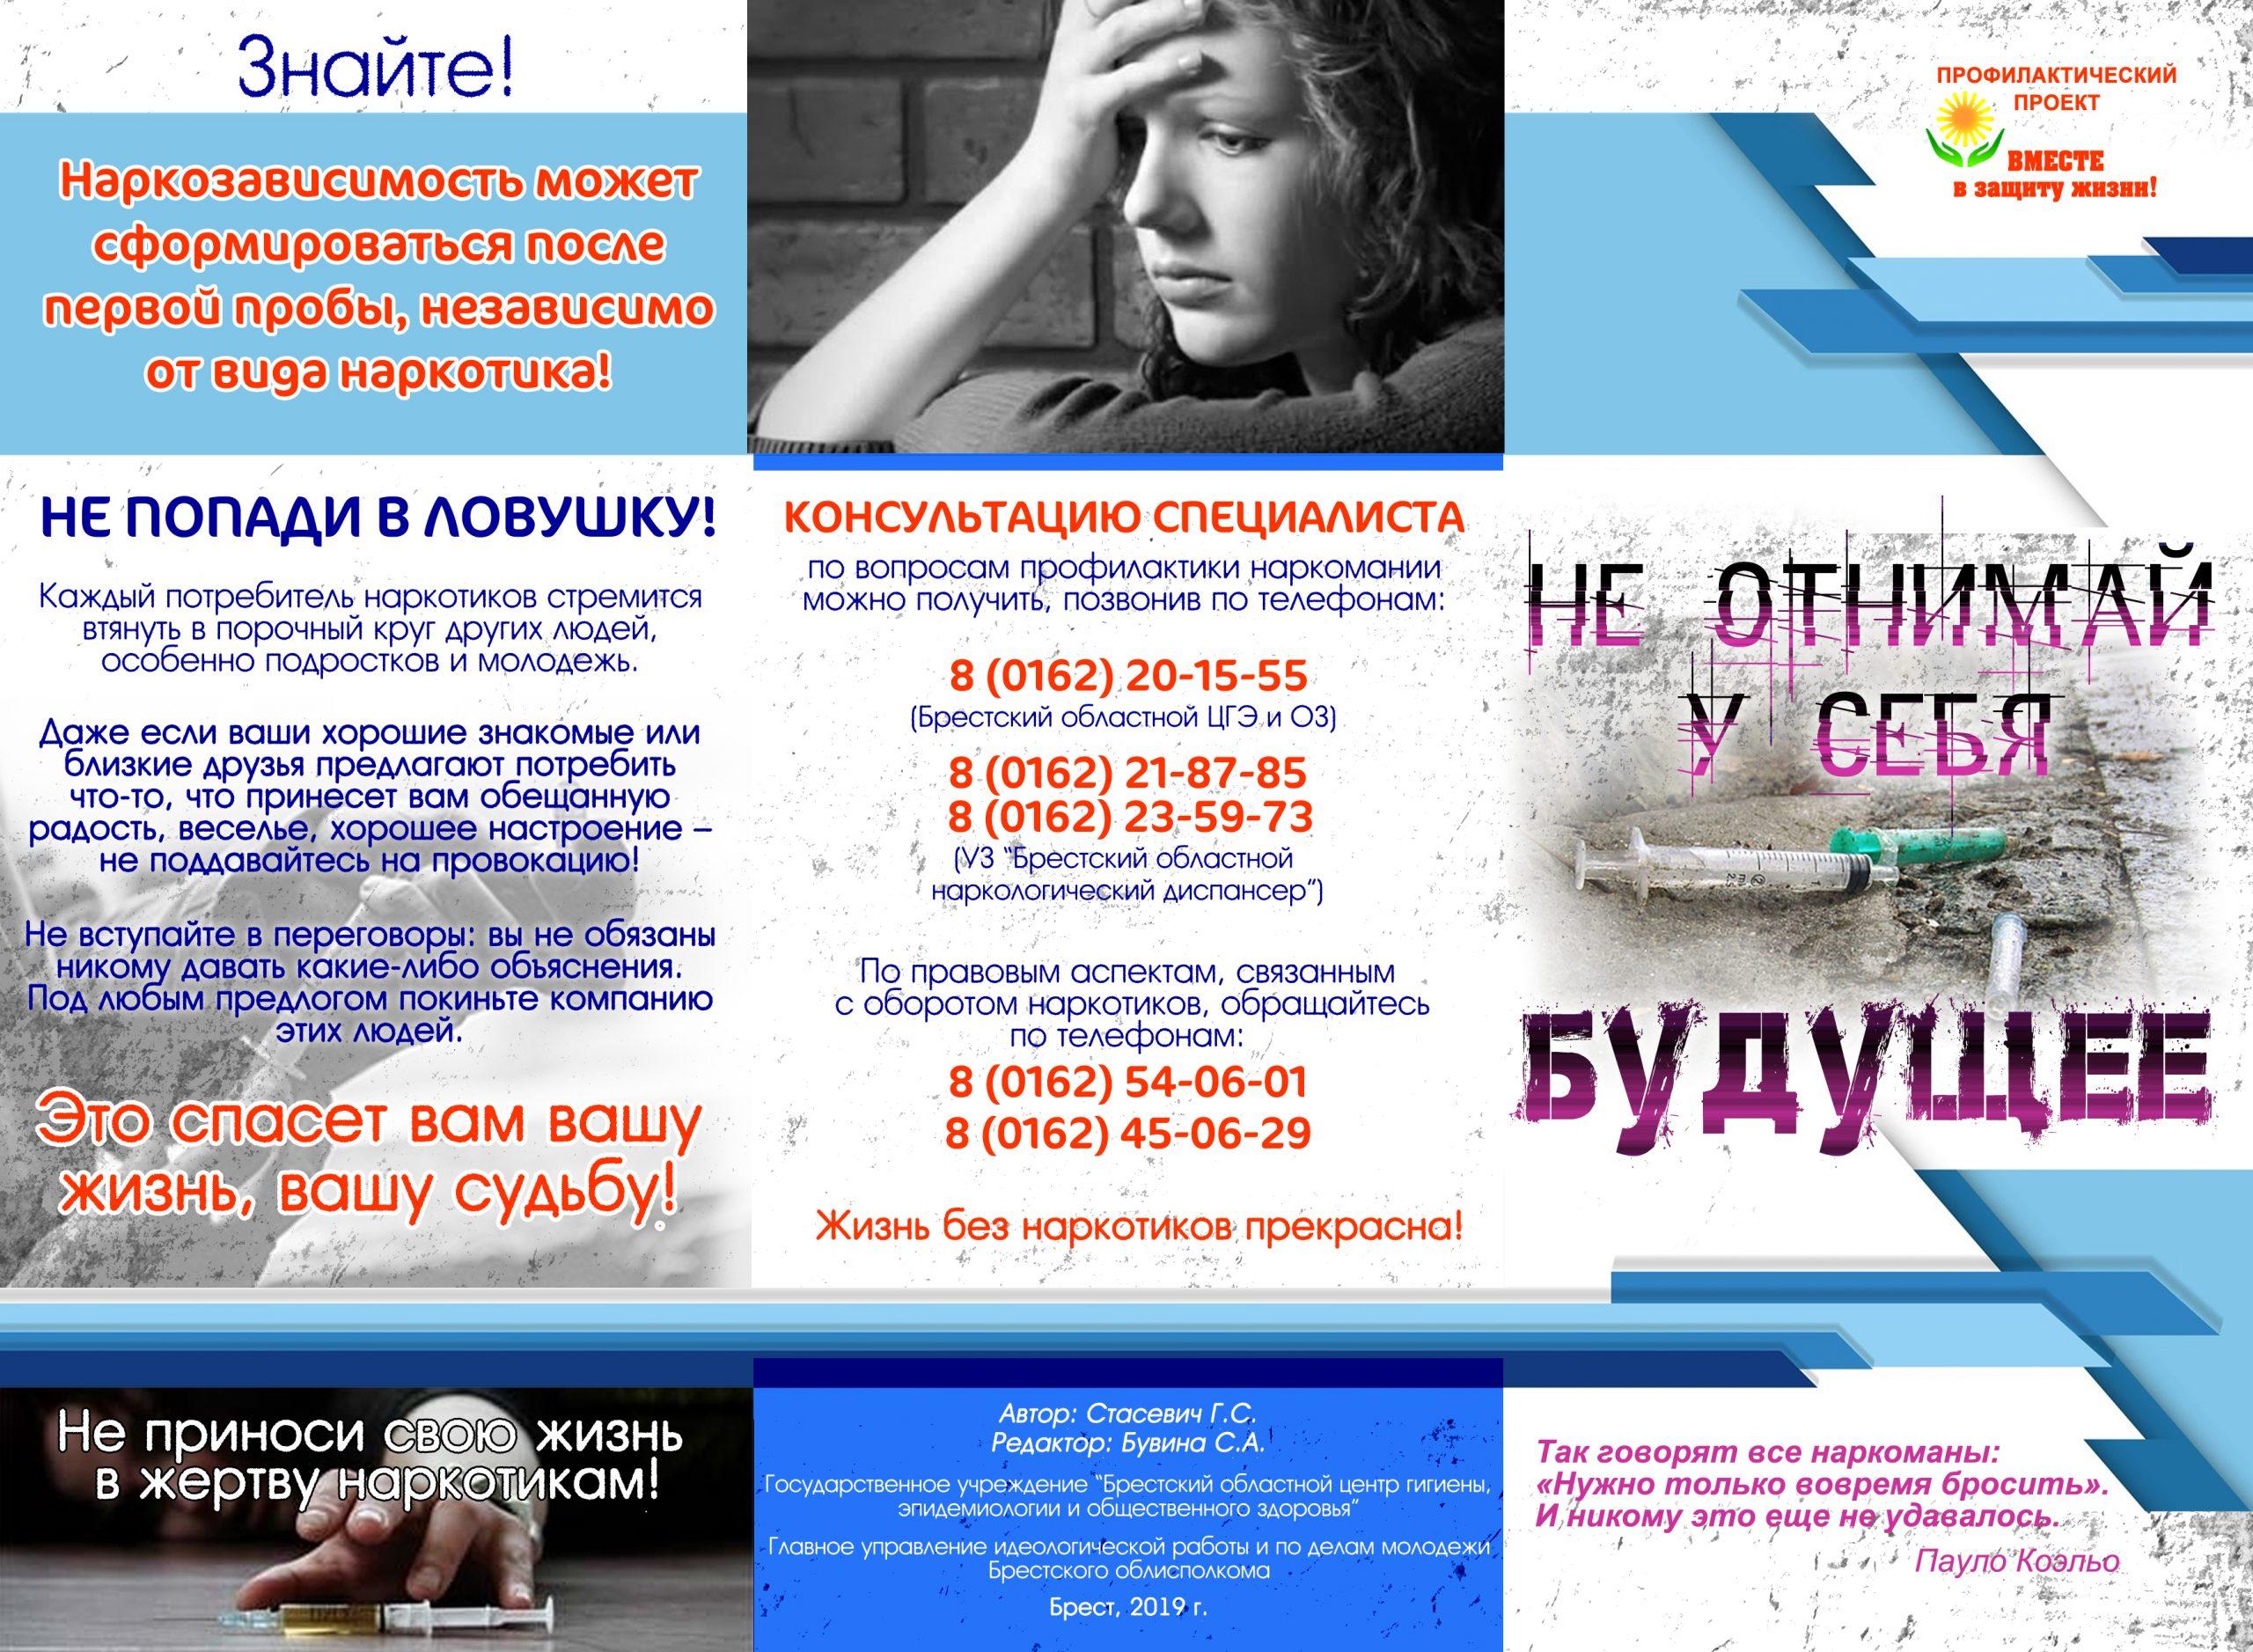 narkomaniya_ne_otnimaj_u_sebya_budushchee_1